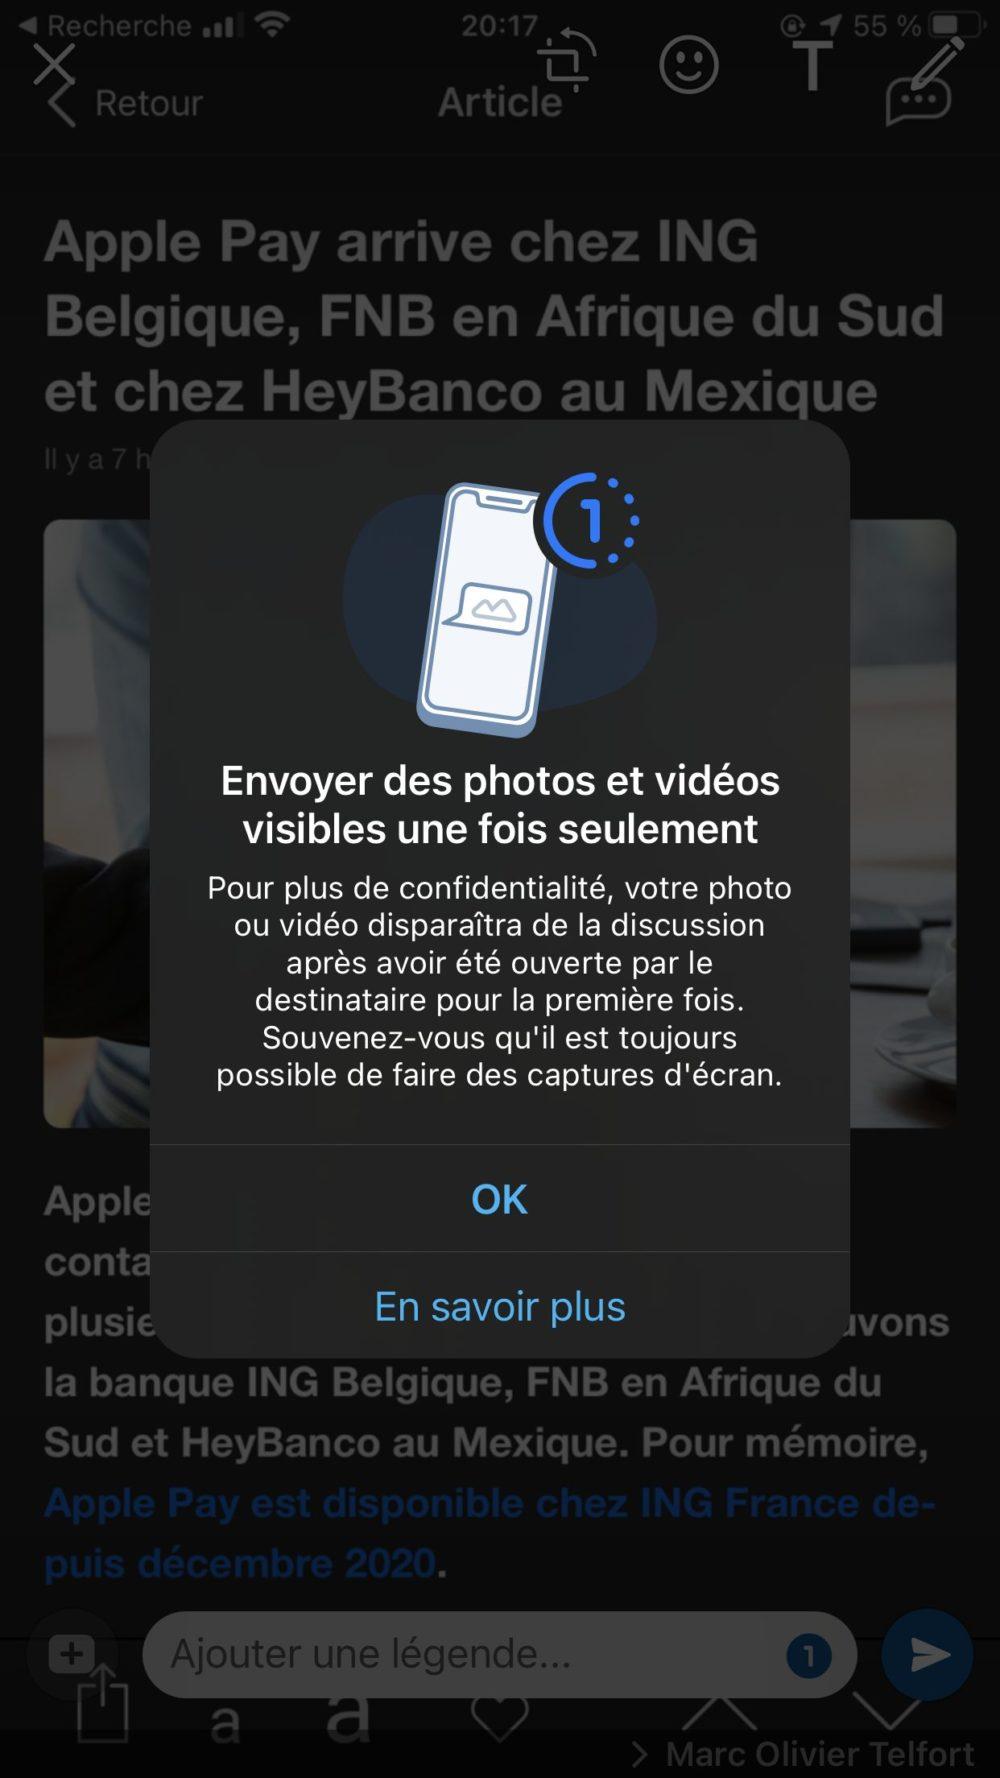 WhatsApp Option Vue Unique AppSystem Article WhatsApp ajoute une option Vue unique pour envoyer des photos et vidéos qui disparaissent après ouverture